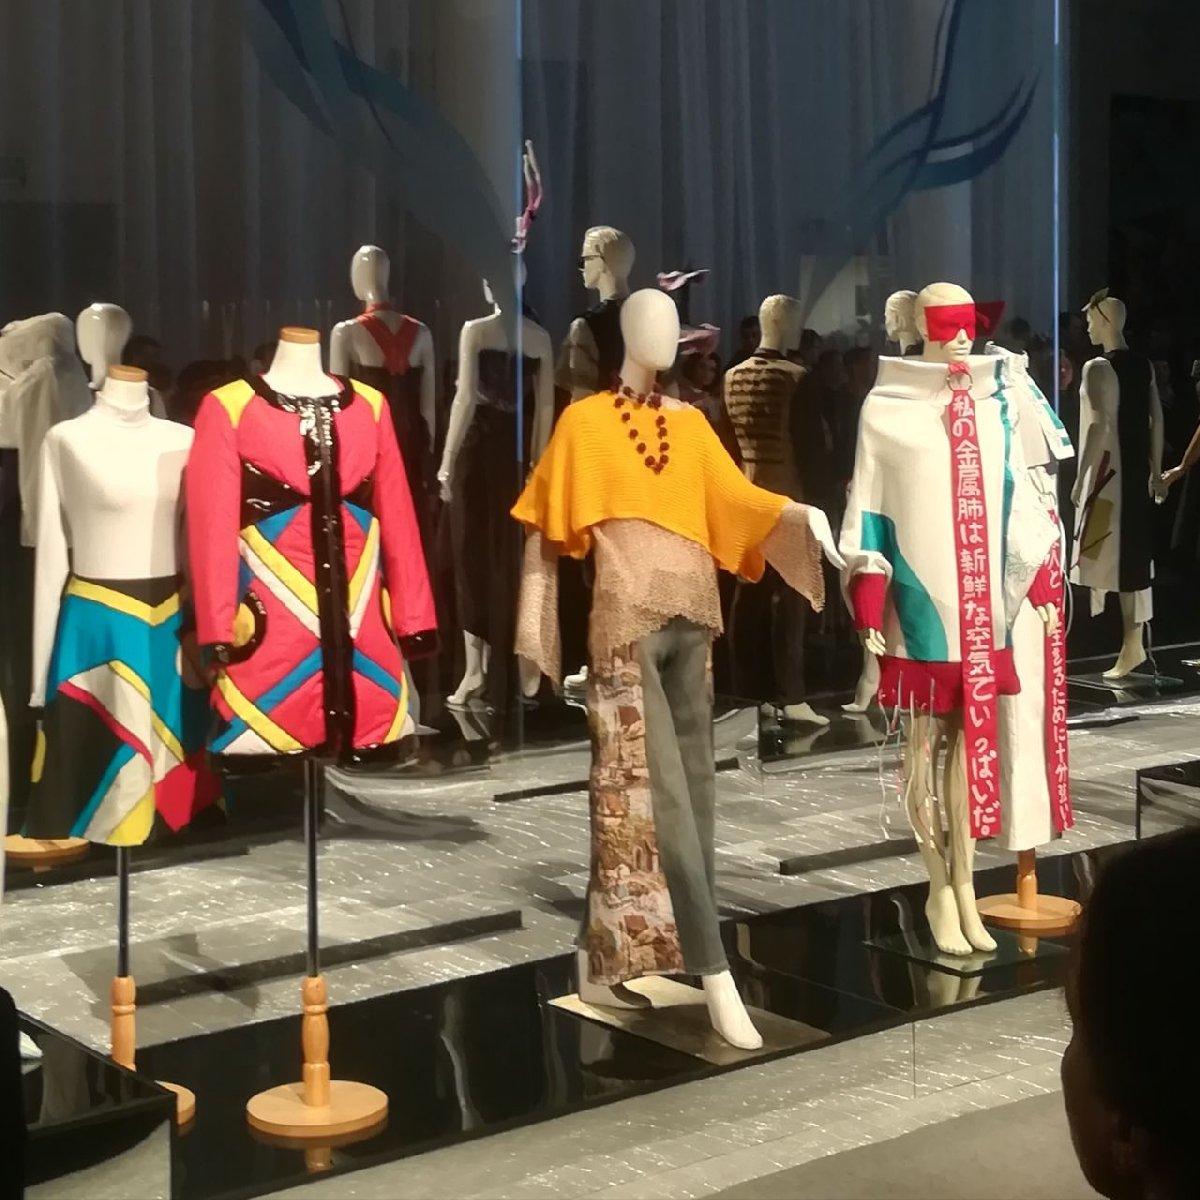 Международный конкурс молодых дизайнеров «Адмиралтейская игла» 2018